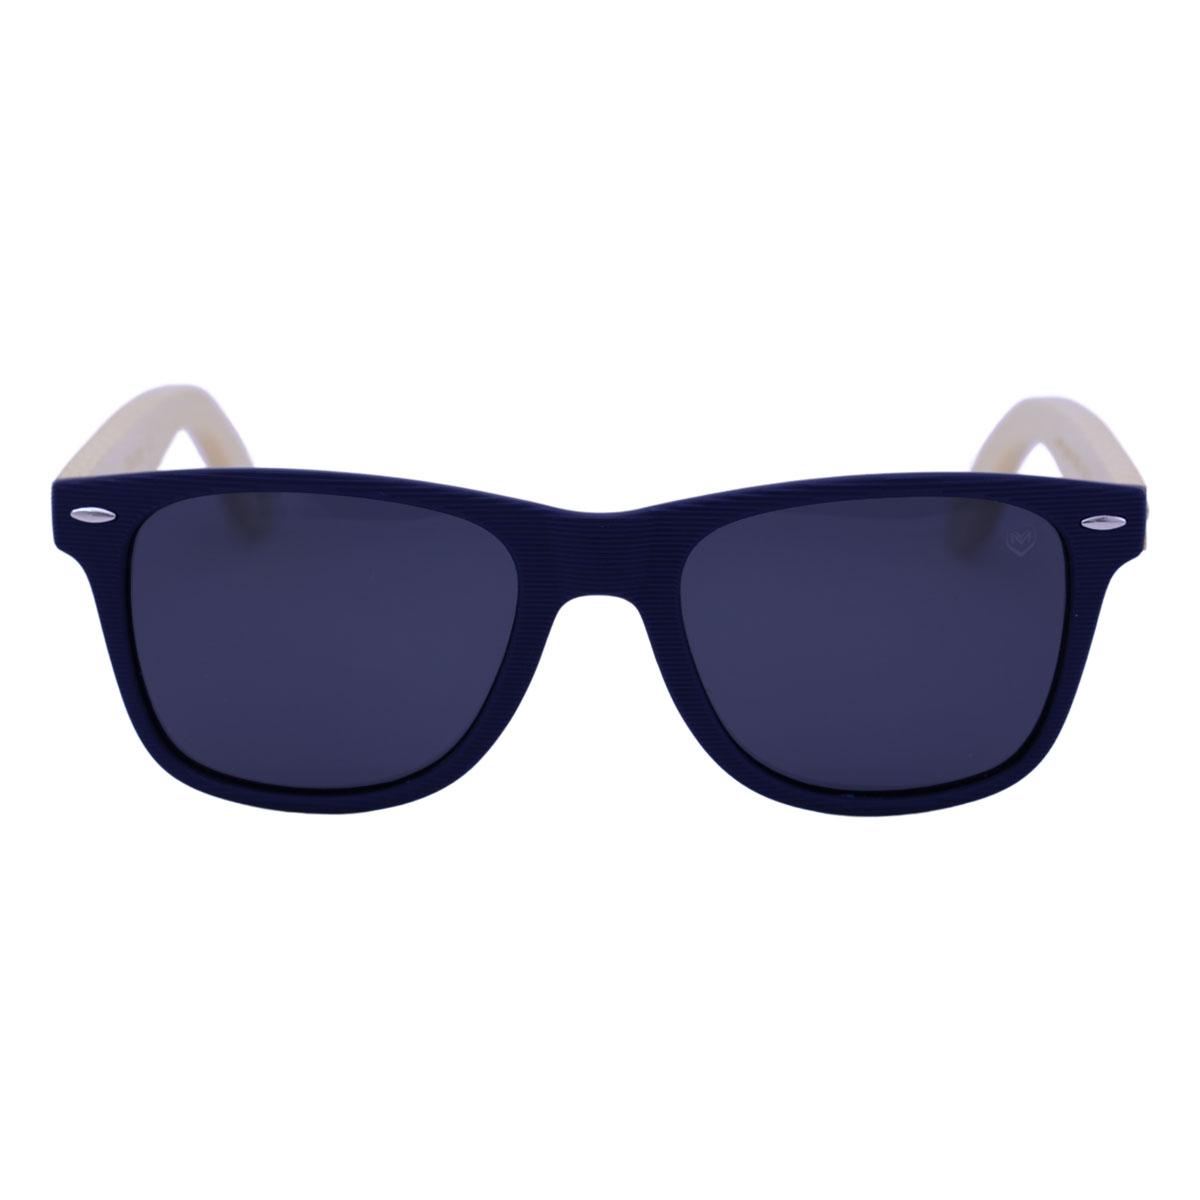 Óculos De Sol Mackage Unissex Wayfarer Madeira Polarizado - Azul Marinho